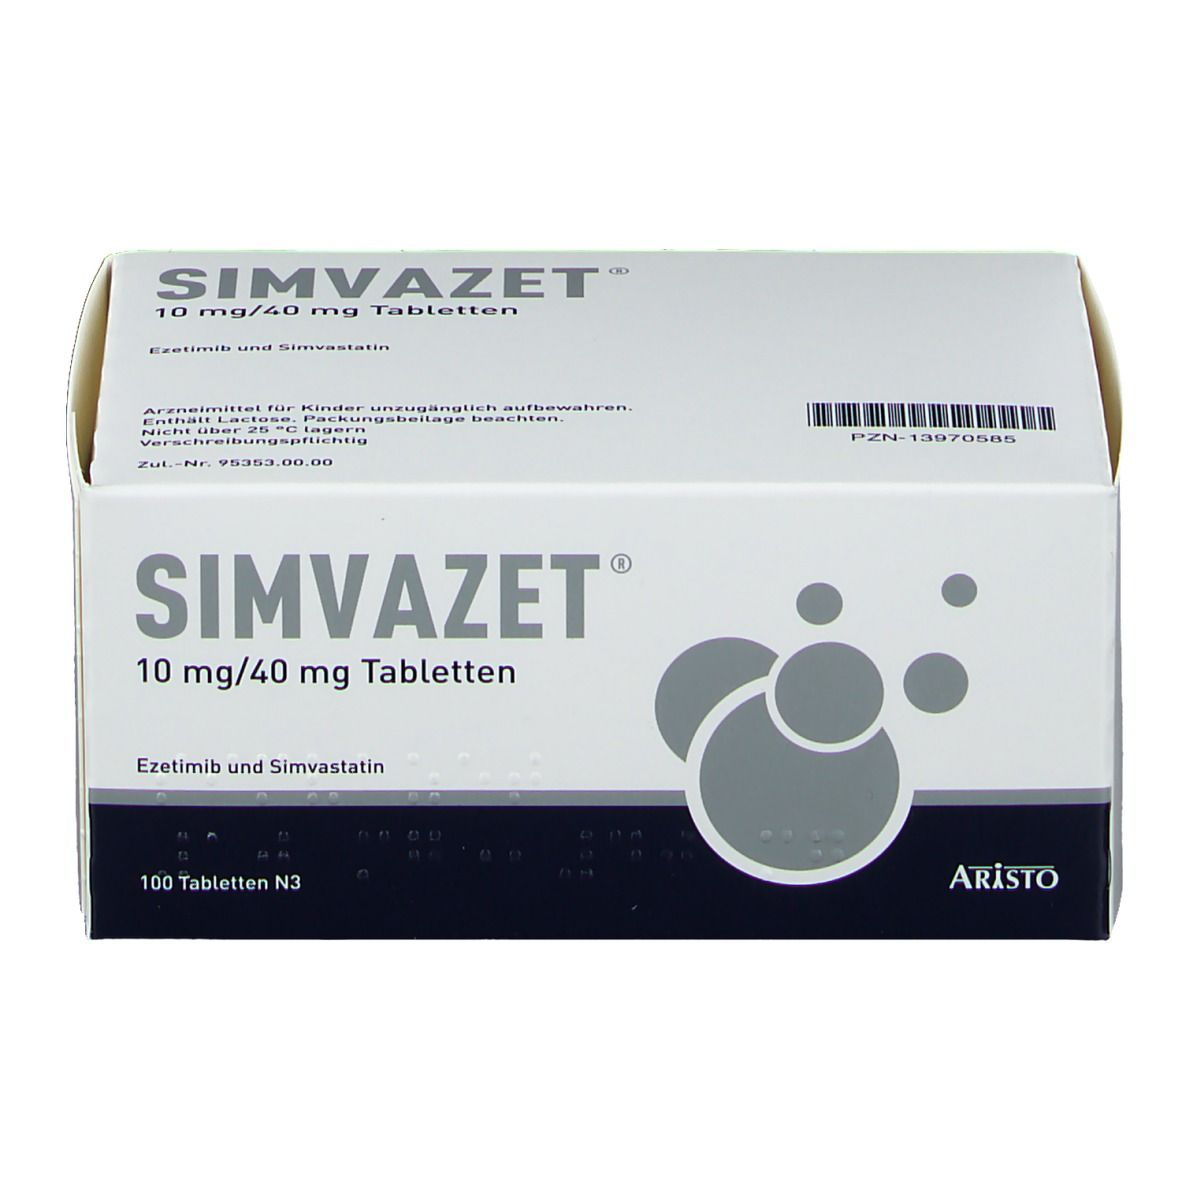 SIMVAZET 10 mg/40 mg Tabletten